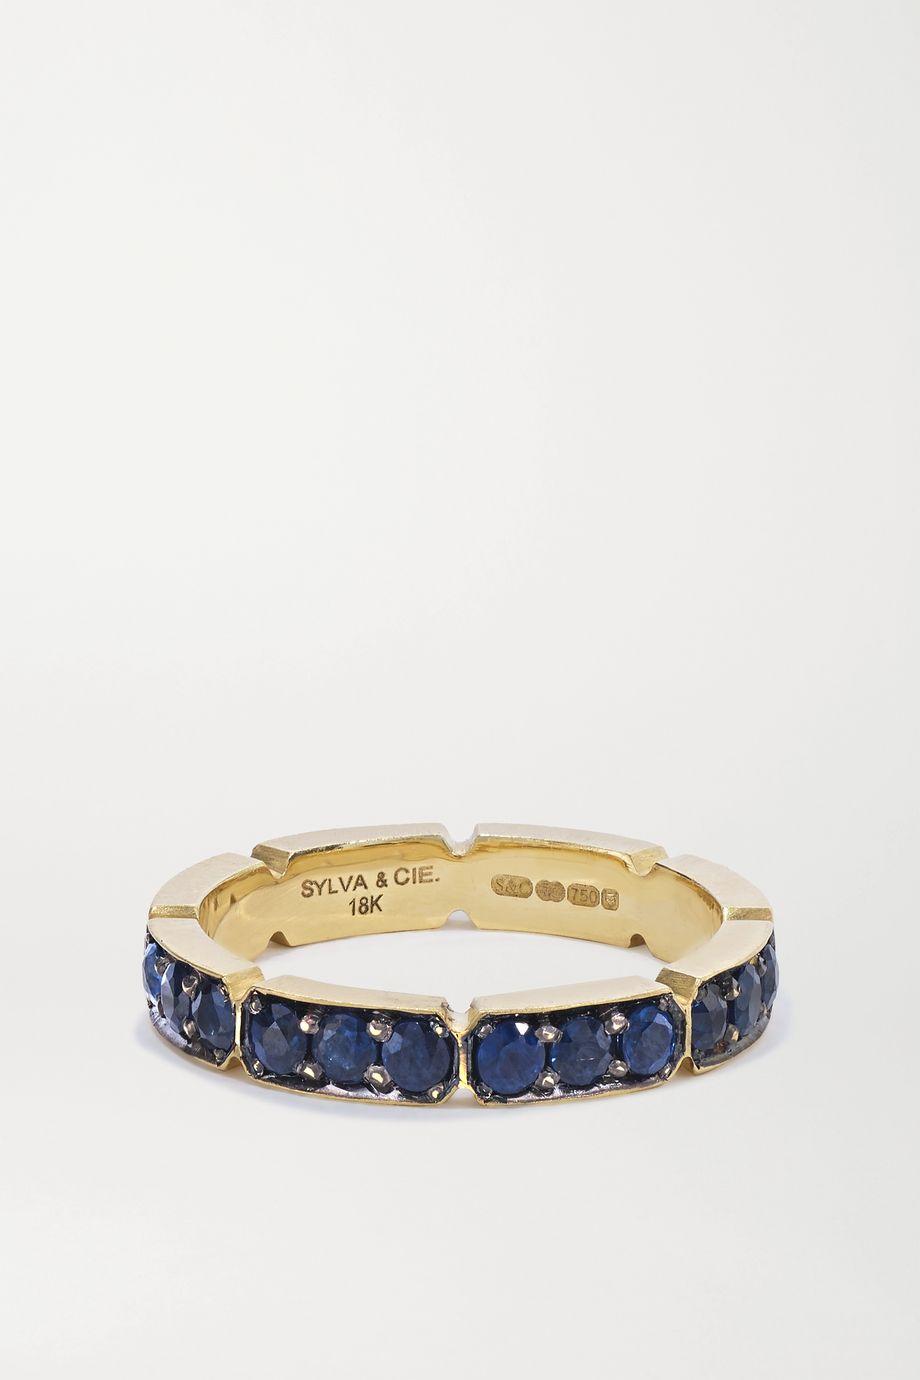 Sylva & Cie Ring aus 18 Karat Gold mit Saphiren